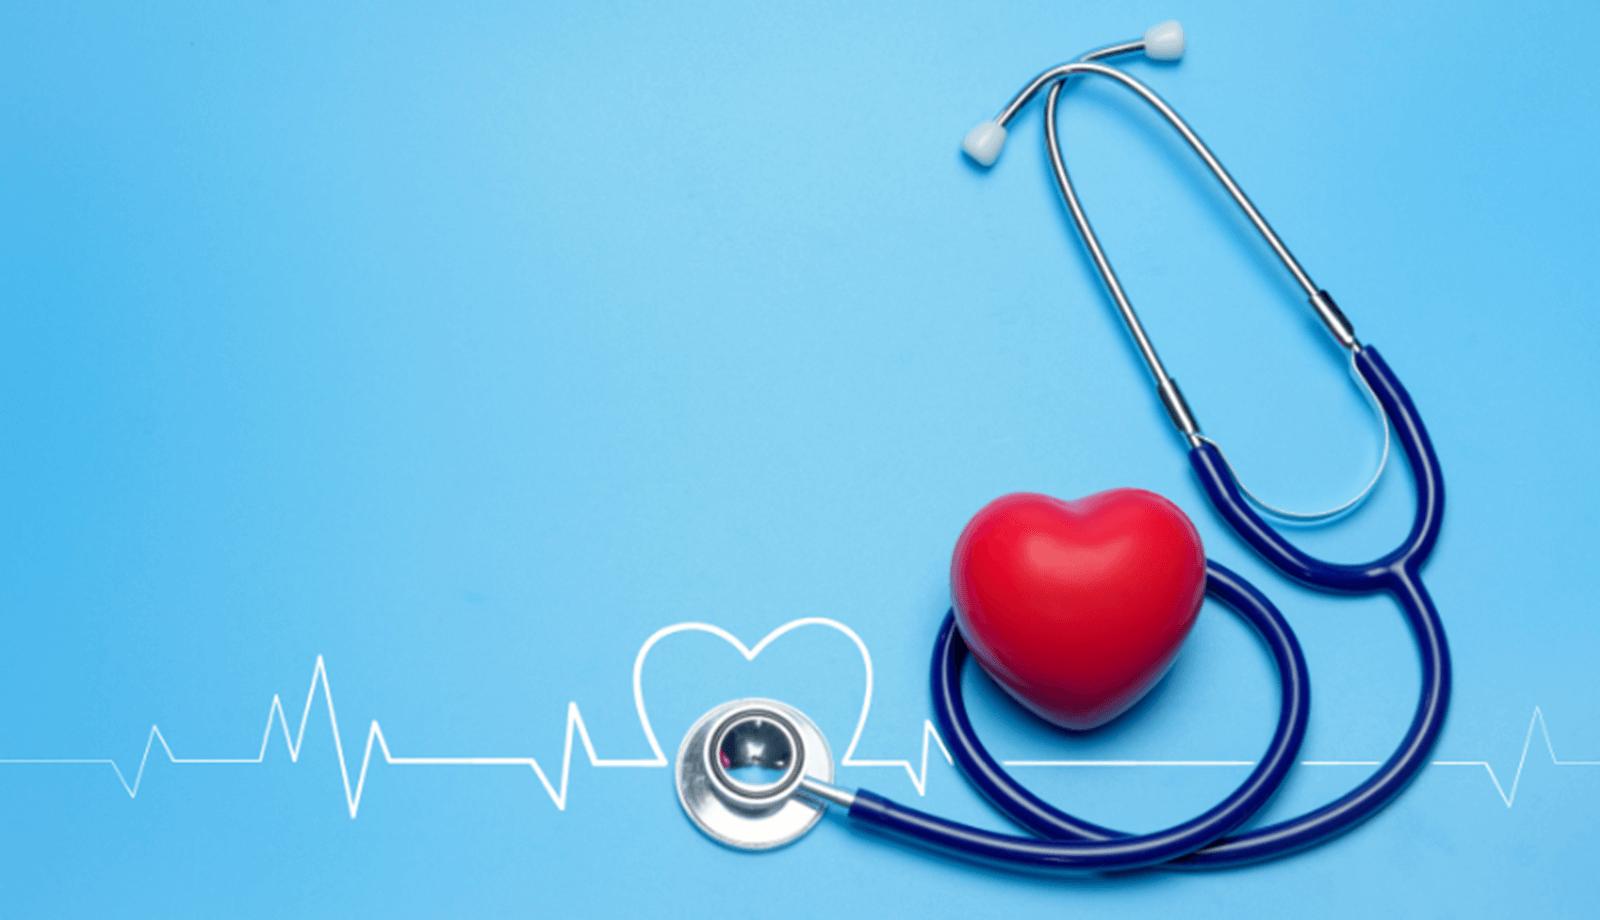 hipertónia fellebbezése magas vérnyomás, alacsony vérnyomás esetén